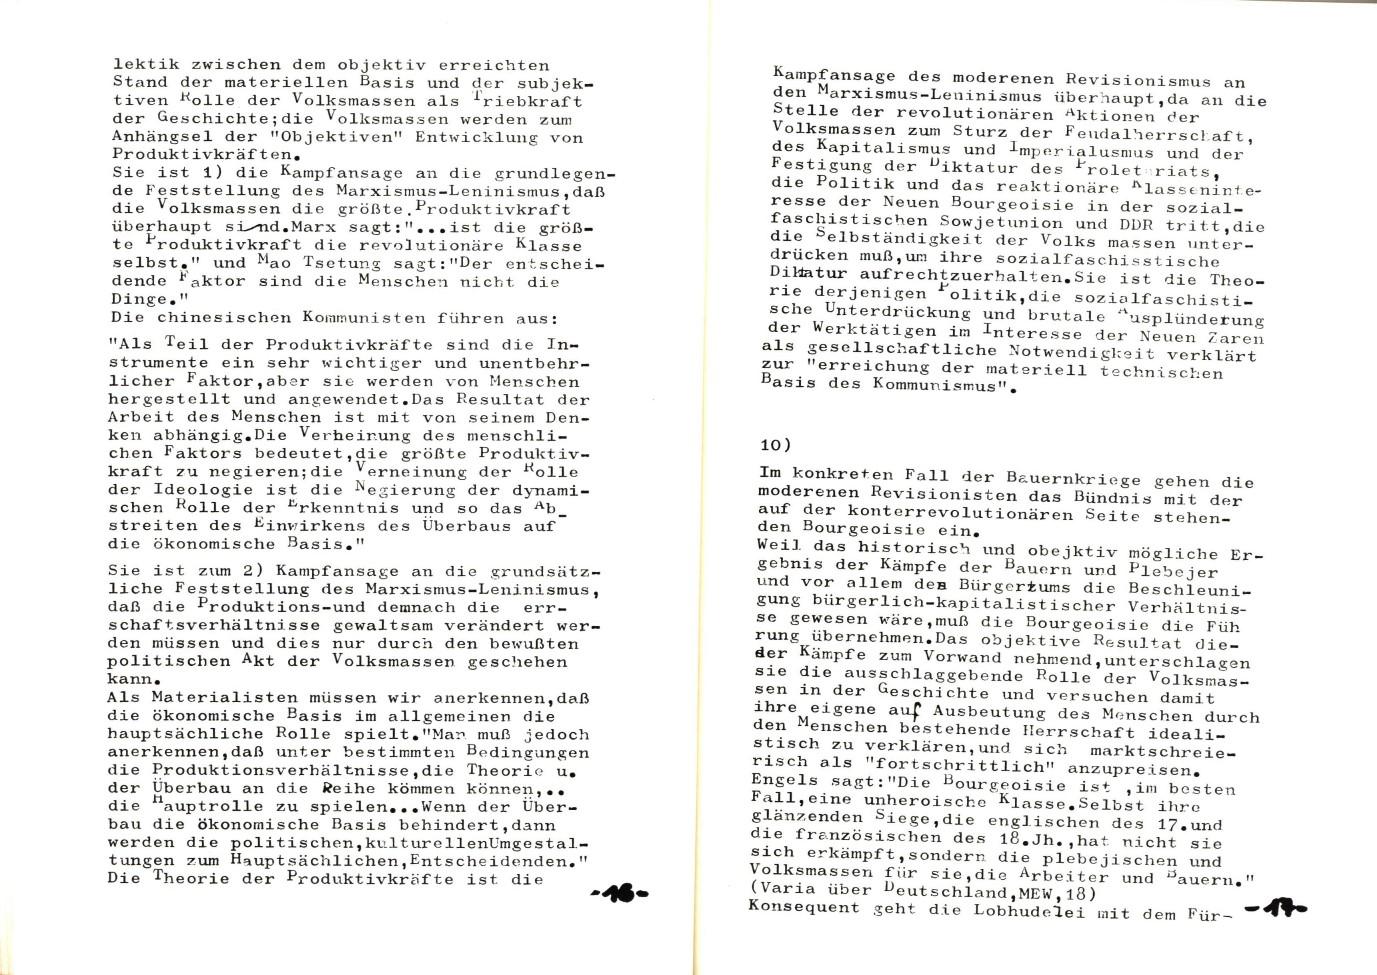 Berlin_KSV_1976_Wochenendseminare_Geschichte_01_10